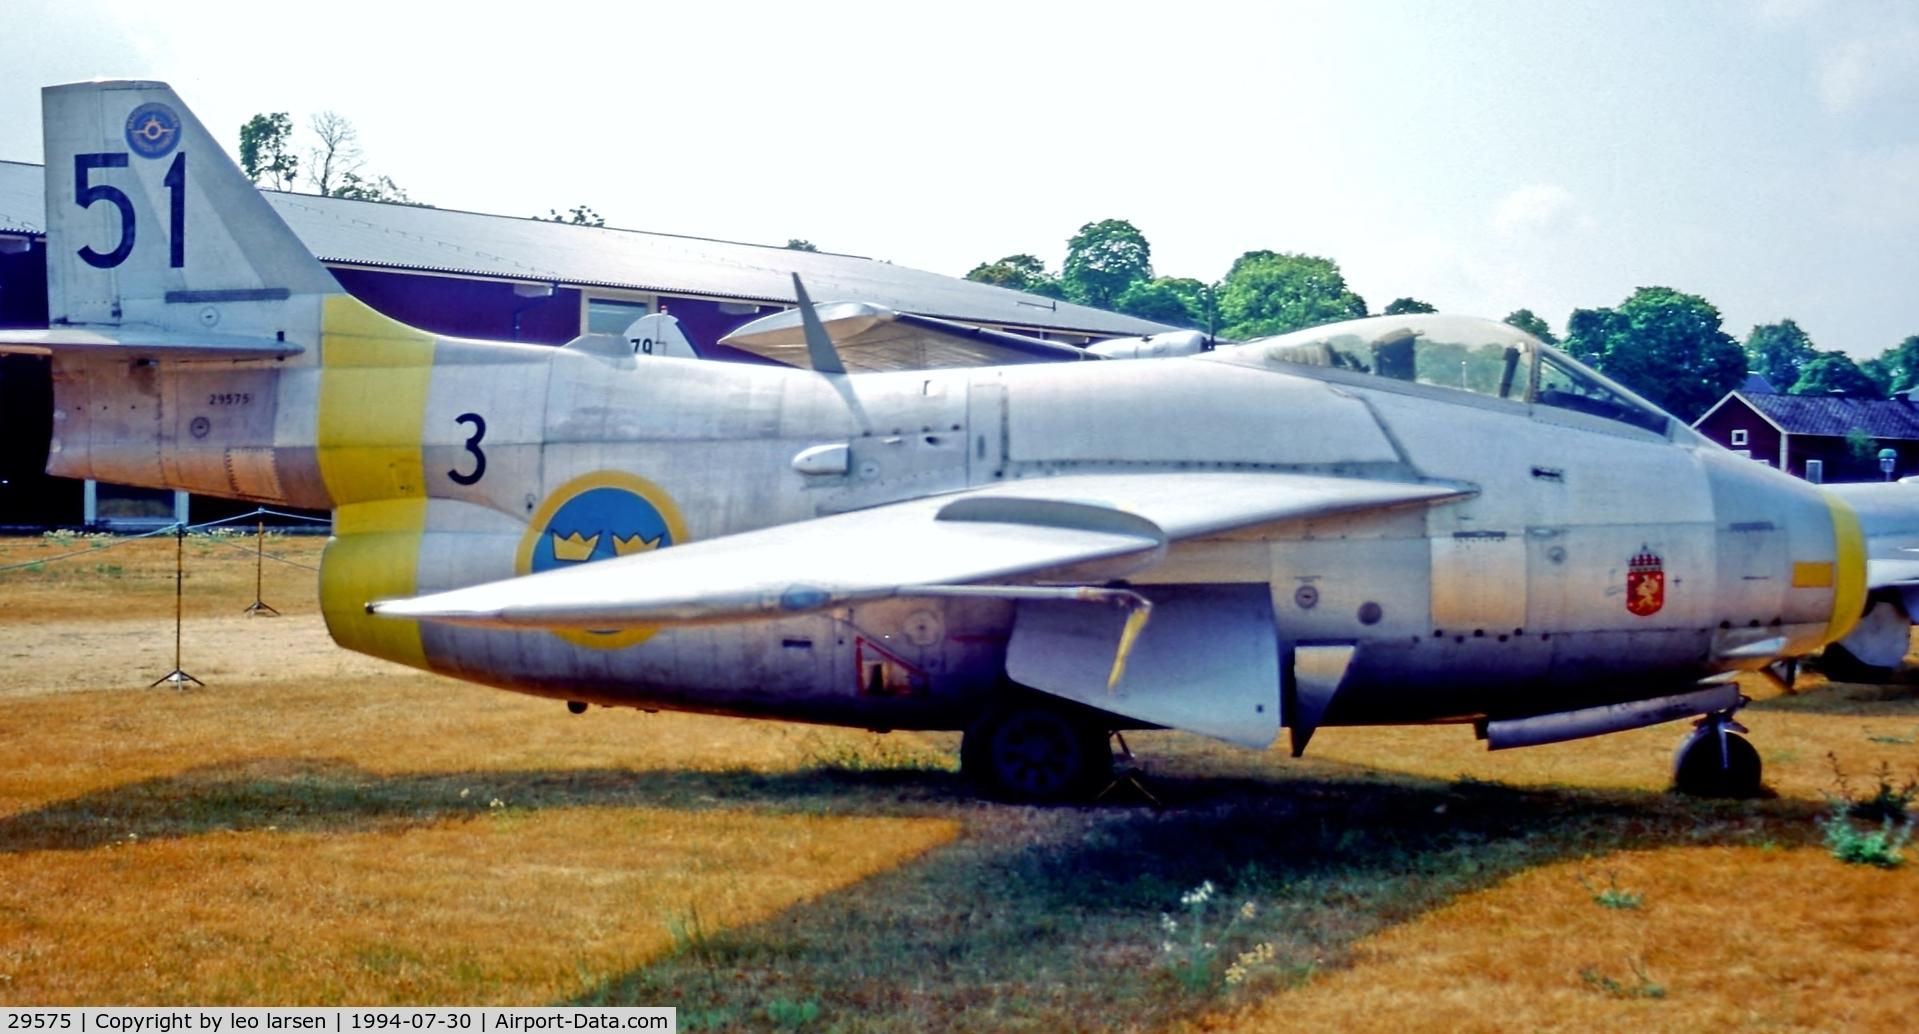 29575, Saab J-29F Tunnan C/N 29575, Malmslätt Museum Sweden 30.7.94